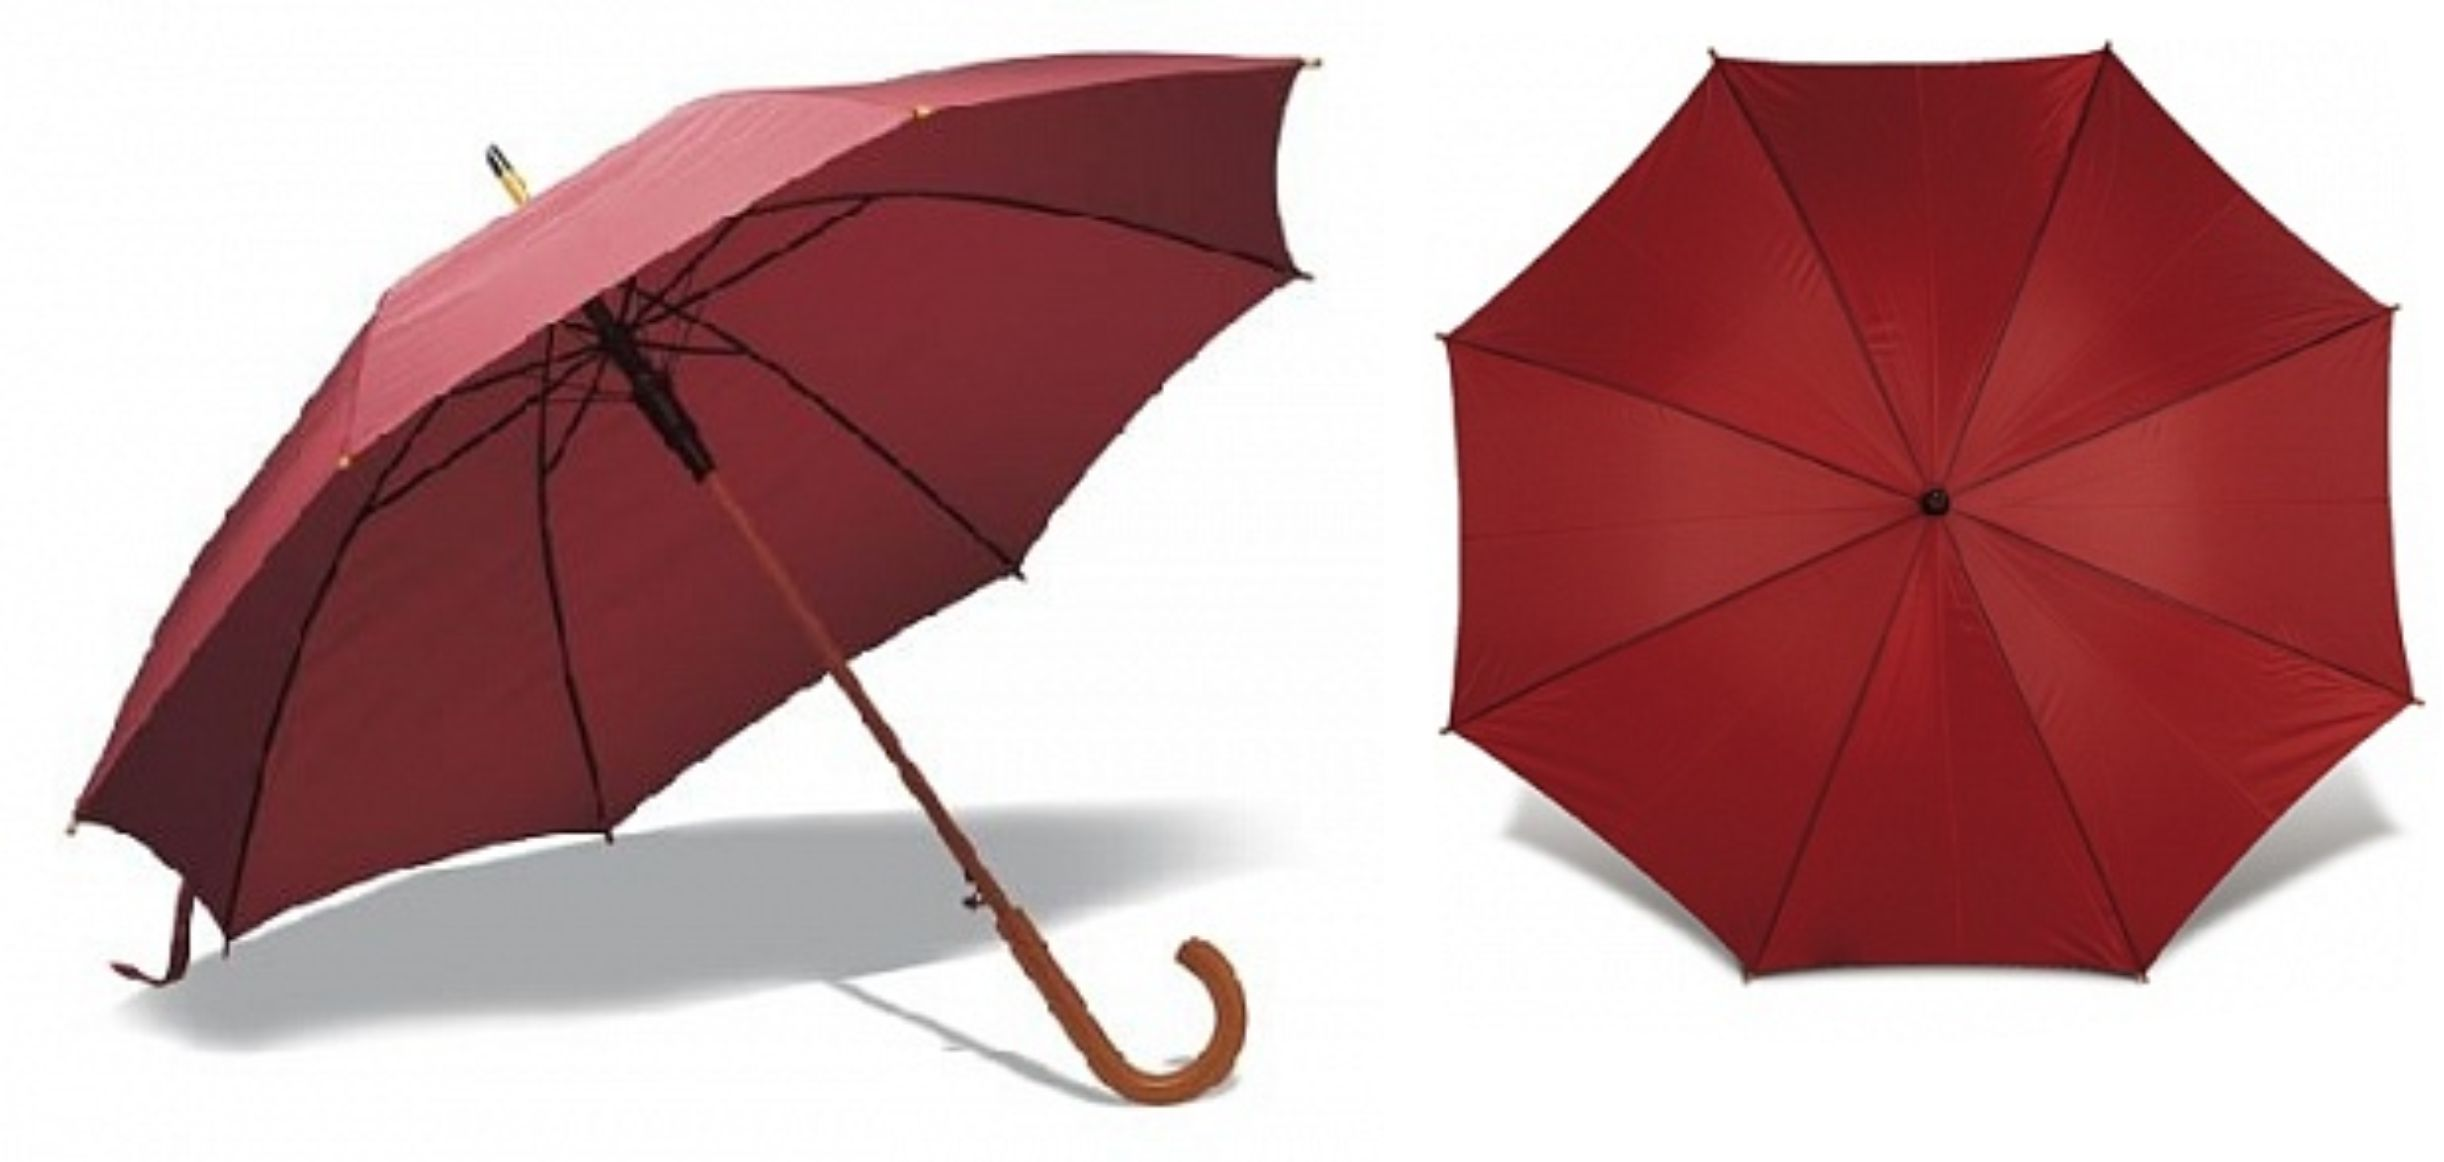 в компании Рекона вы можете закаать зонты оптом